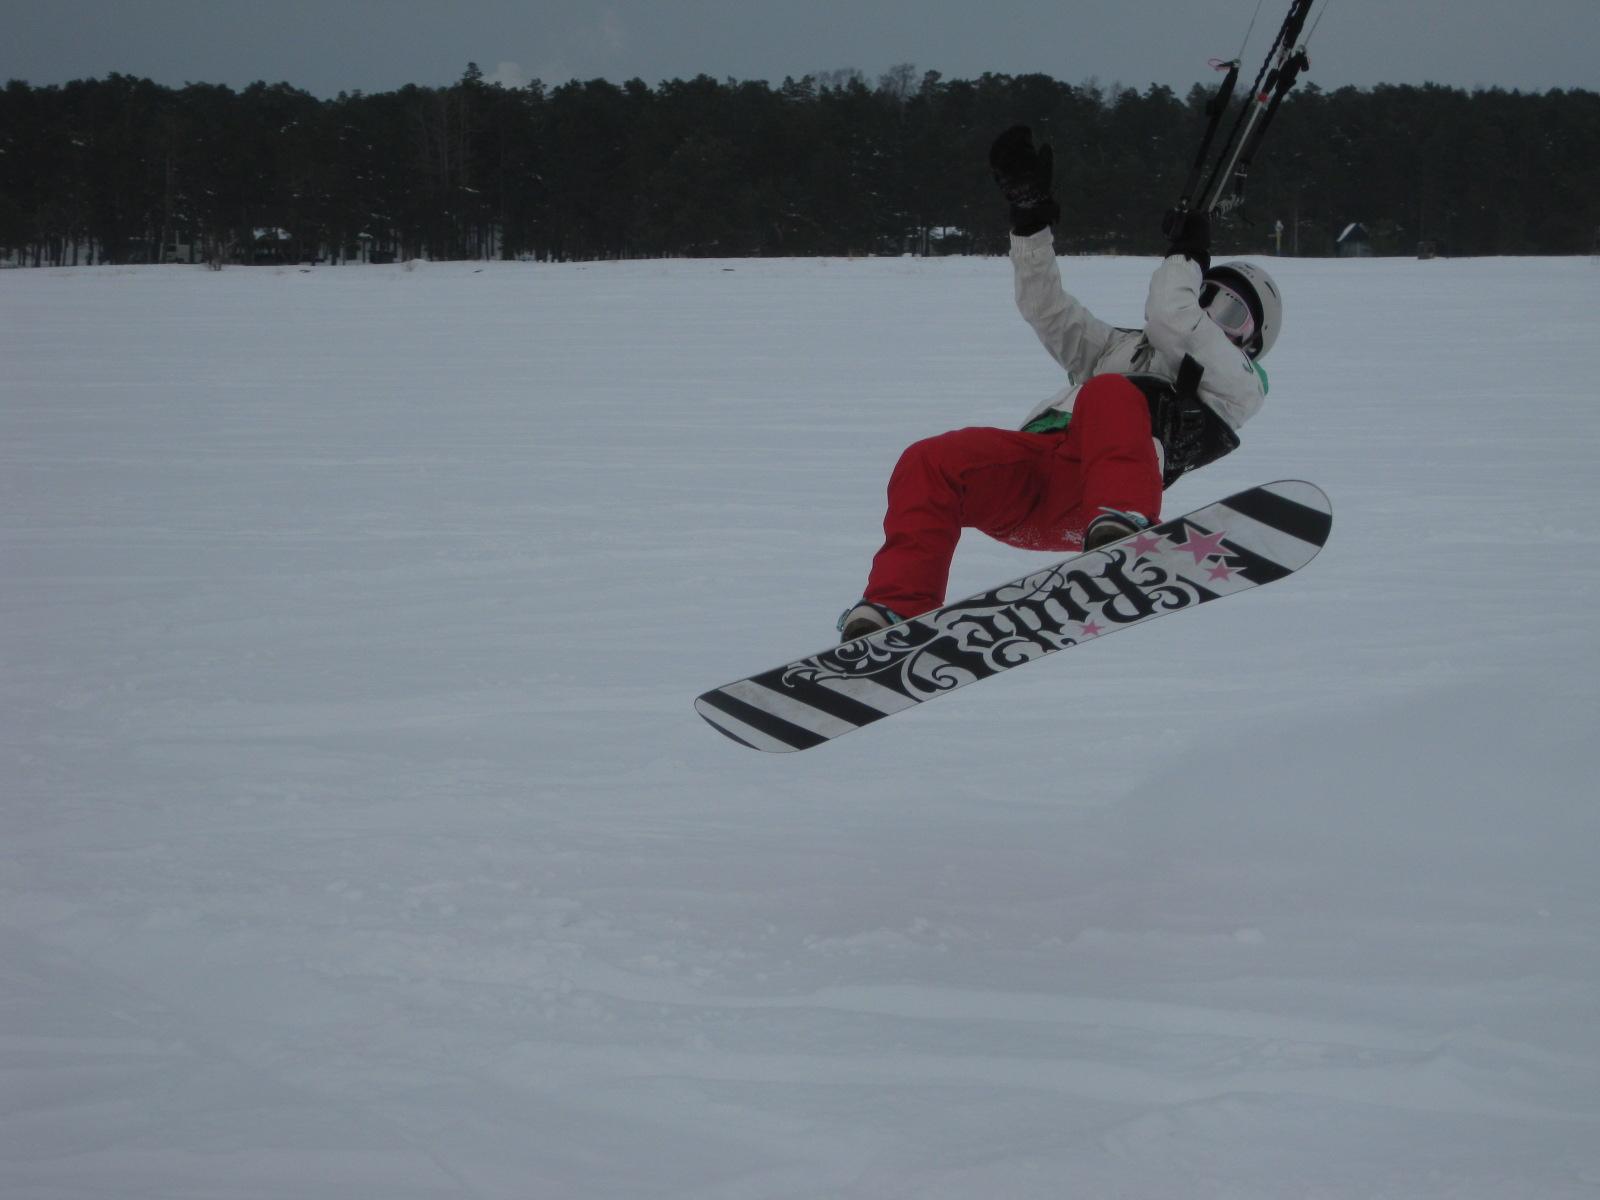 Några bilder från snowkitingen igår